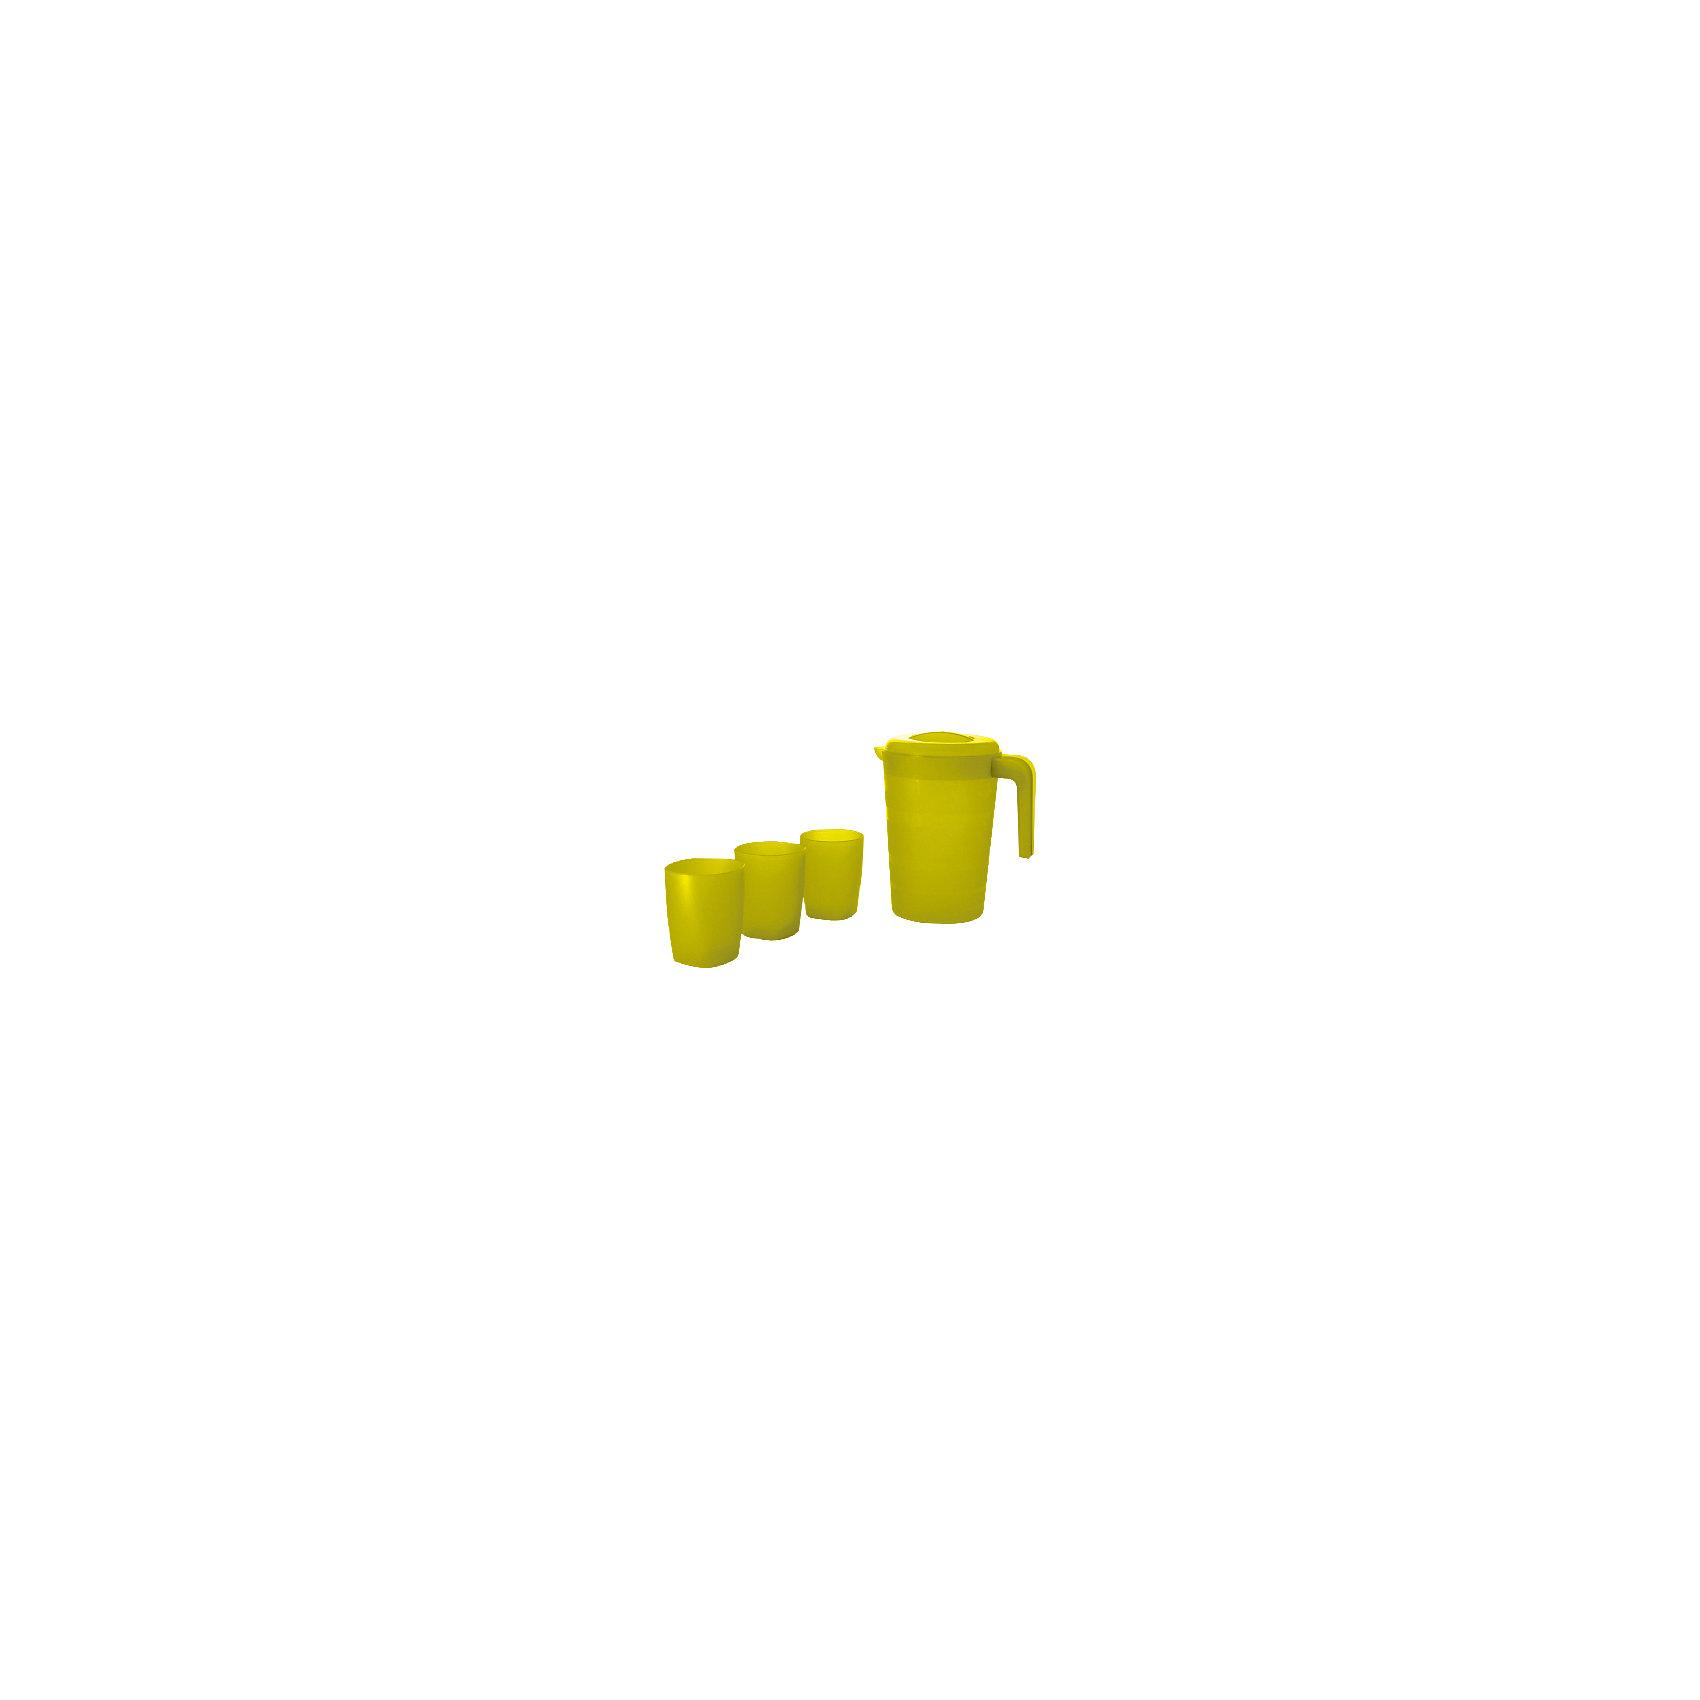 Кувшин для воды  Фазенда 2л и 3 стакана, Plastic CentreПосуда<br>Кувшин для воды Фазенда 2л и 3 стакана, PlasticCentre<br><br>Характеристики:<br><br>• Материал: пластик<br>• Цвет: зеленый<br>• В комплекте: 1 кувшин, 3 стакана<br><br>Этот удобный комплект, состоящий из кувшина и трех стаканов, выполнен из пластика высокого качества, который не бьется, устойчив к царапинам и легко моется. Его можно использовать как дома, так и при поездках на природу, наливая в него сок или иные напитки. Кувшин имеет красочную расцветку и стильный дизайн.<br><br>Кувшин для воды Фазенда 2л и 3 стакана, PlasticCentre можно купить в нашем интернет-магазине.<br><br>Ширина мм: 205<br>Глубина мм: 150<br>Высота мм: 225<br>Вес г: 255<br>Возраст от месяцев: 216<br>Возраст до месяцев: 1188<br>Пол: Унисекс<br>Возраст: Детский<br>SKU: 5545689